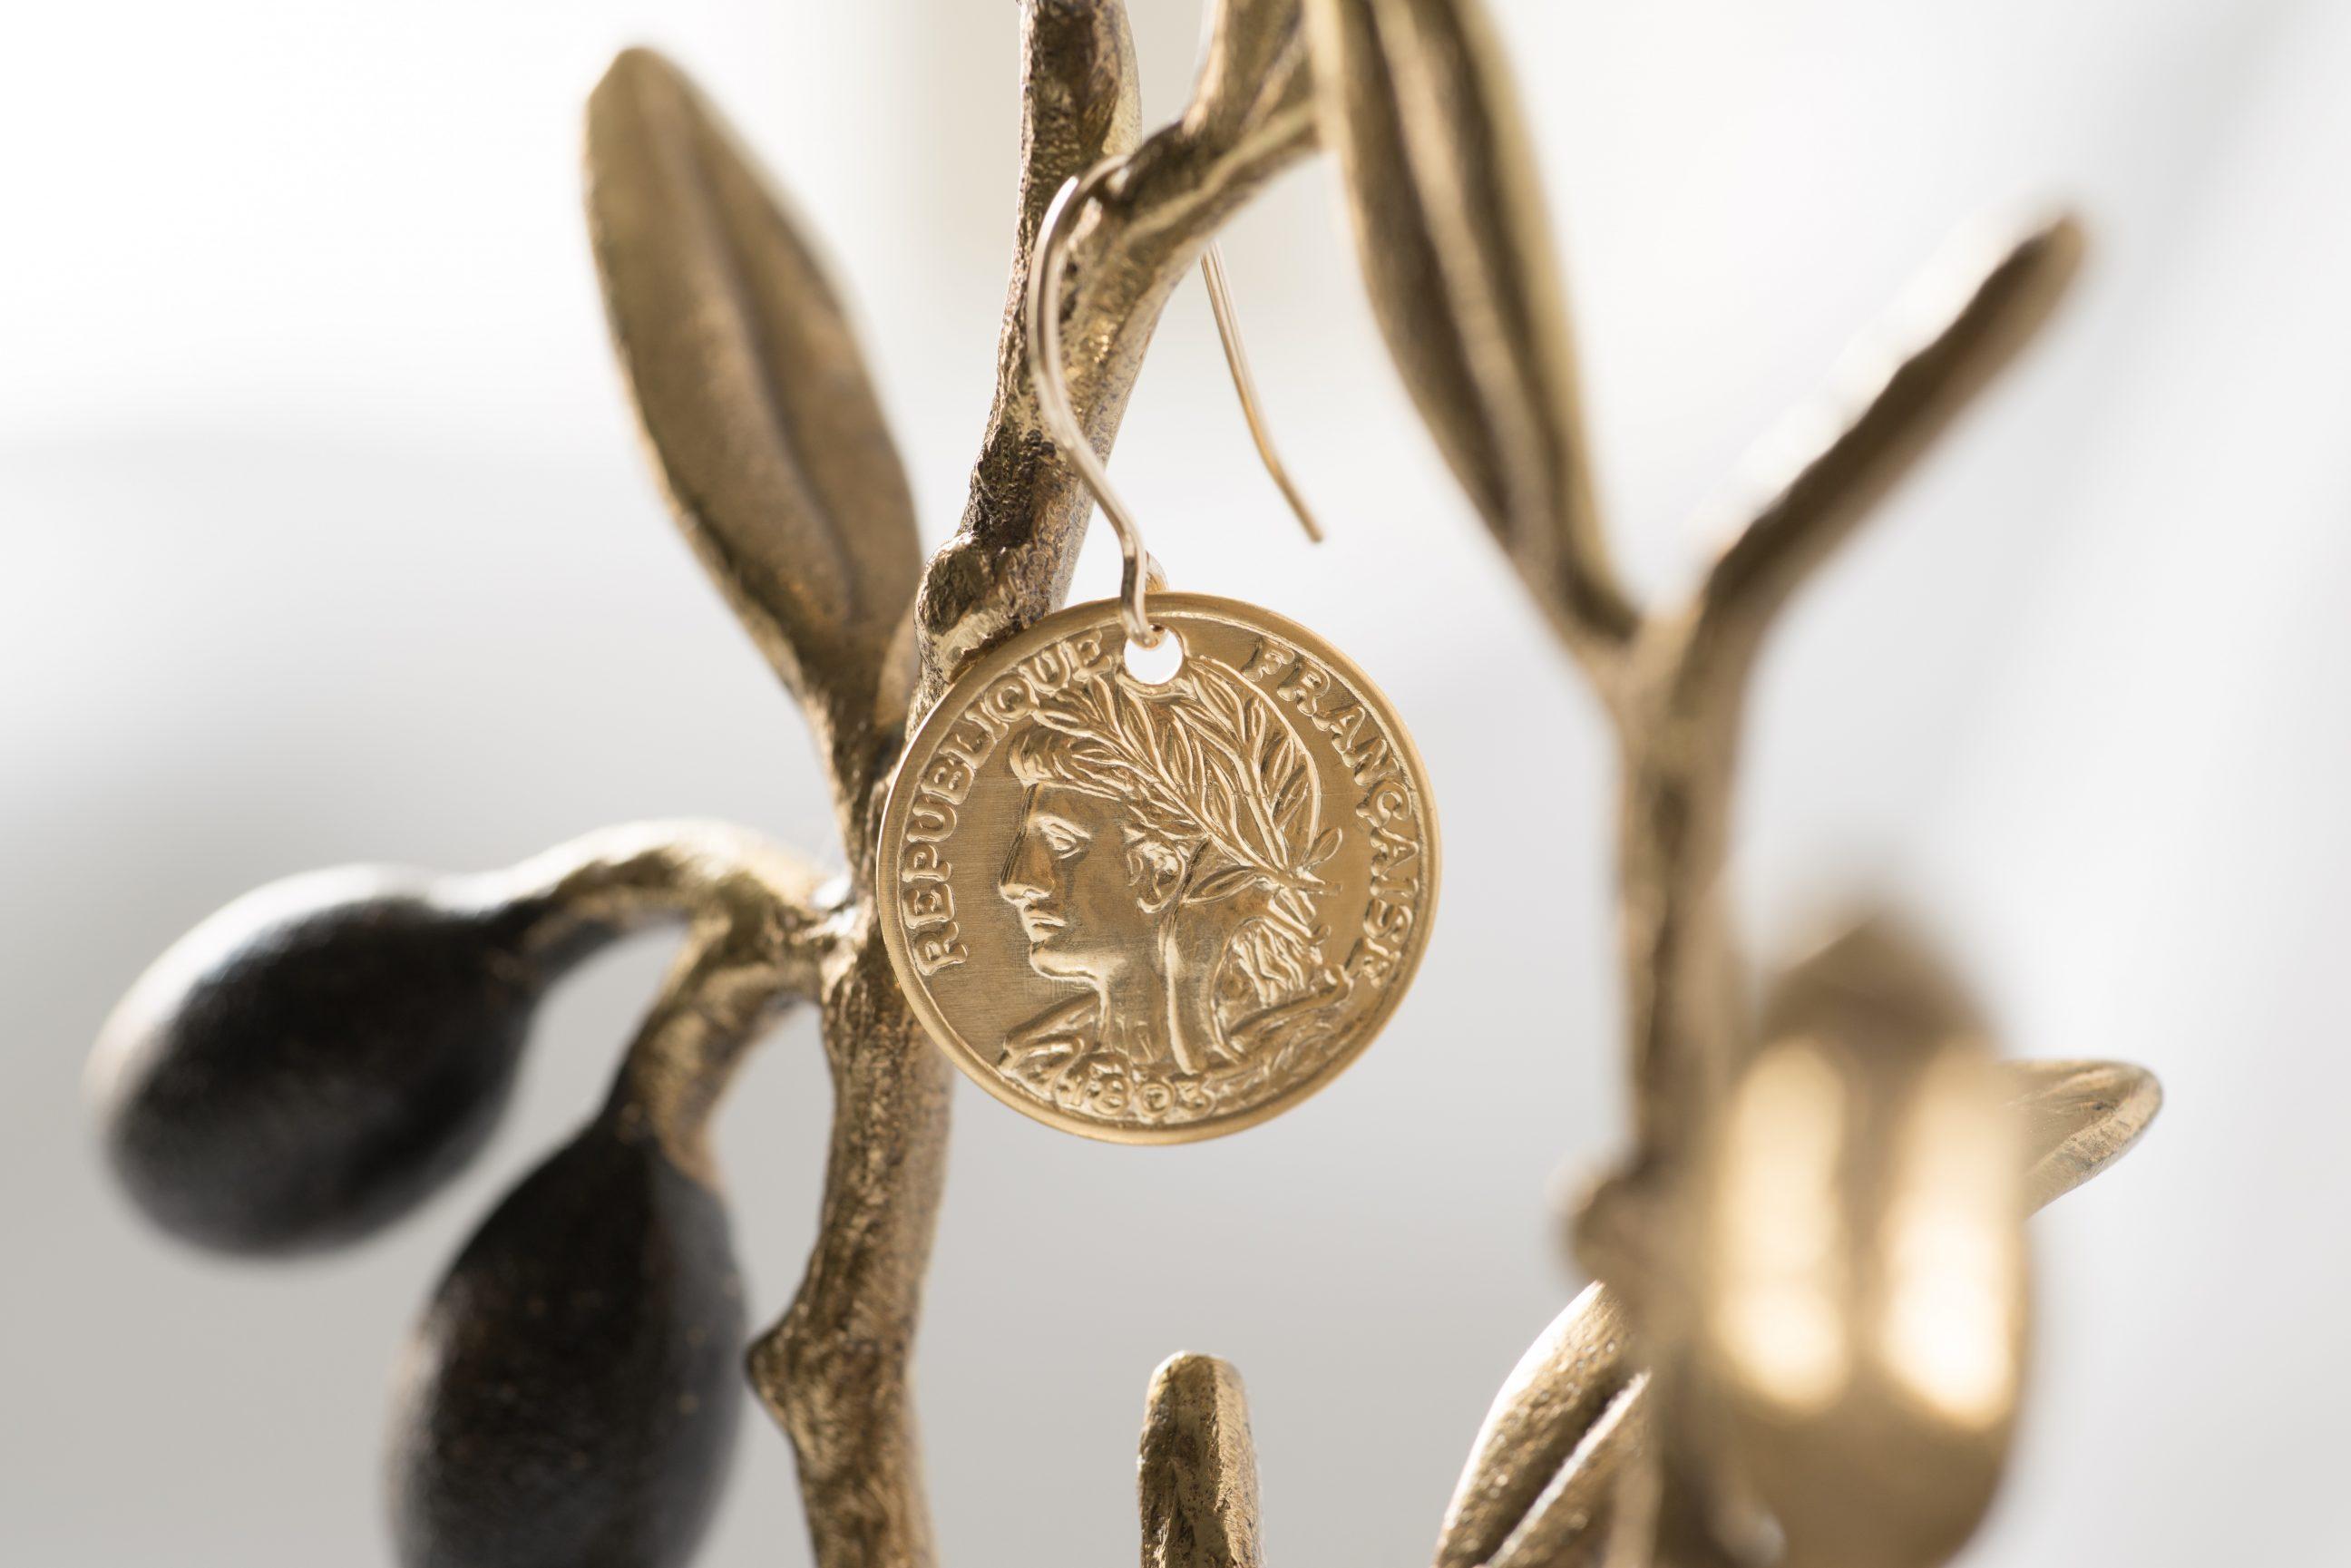 14kgfピアス金具×真鍮ブラス製コインチャーム(マットゴールド)